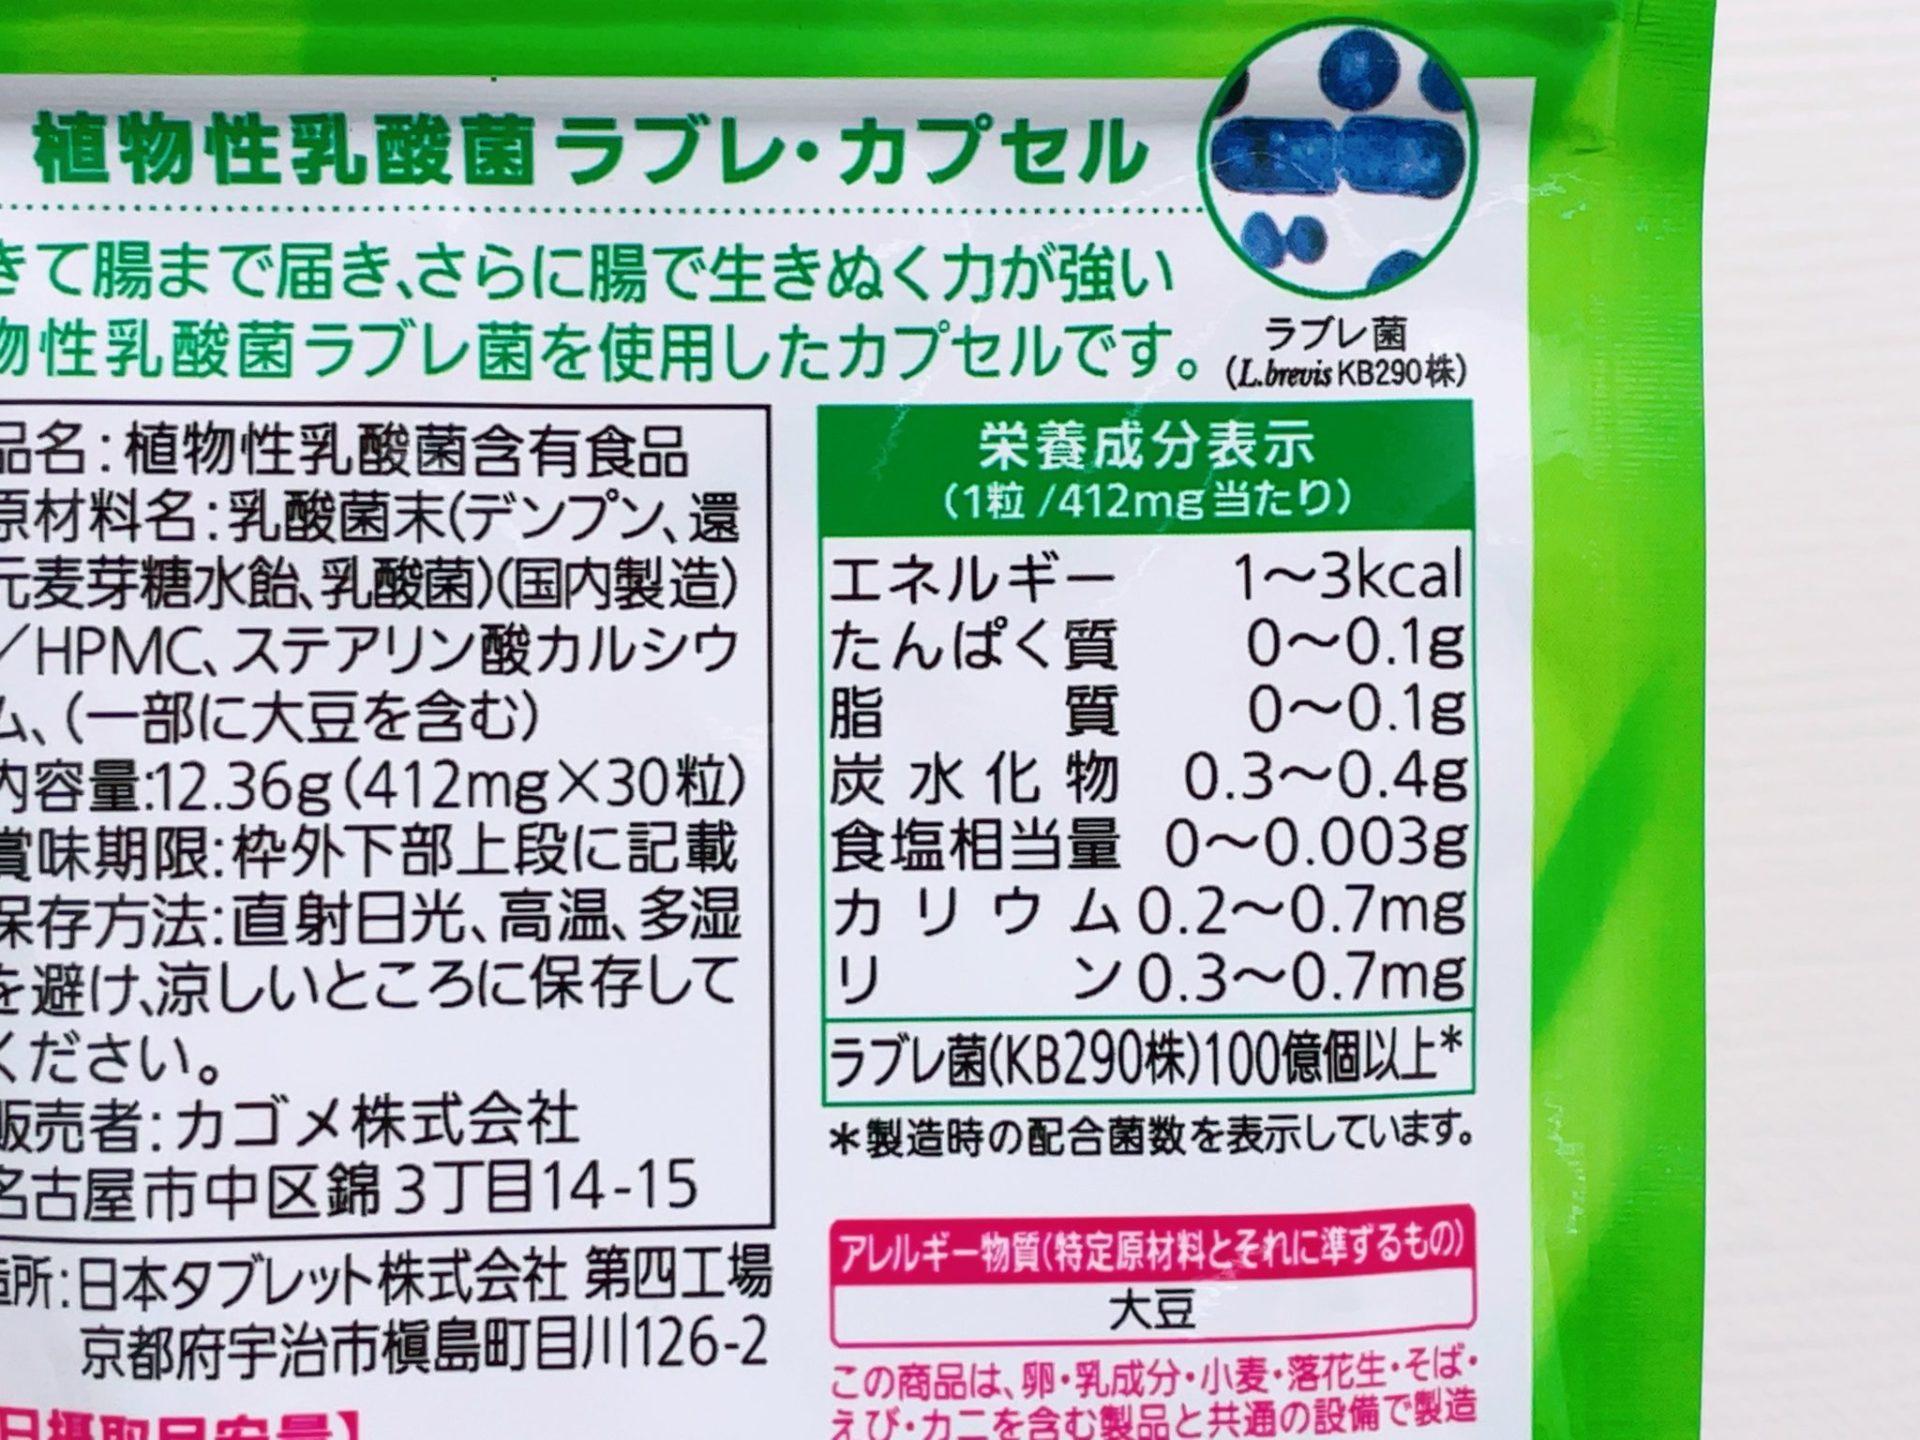 カゴメ植物乳酸菌ラブレのサプリの栄養成分表